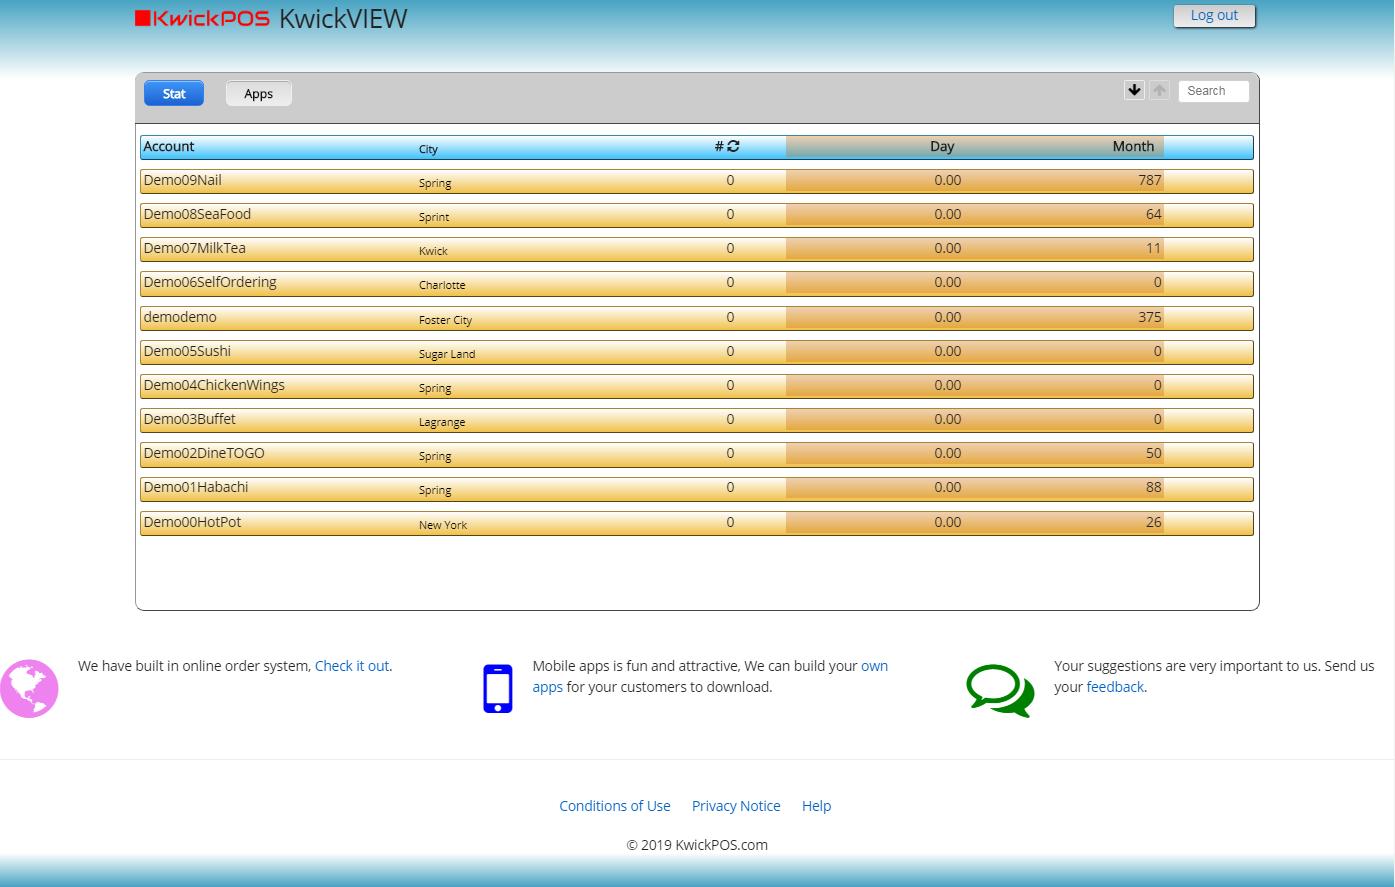 KwickPOS kwickview module